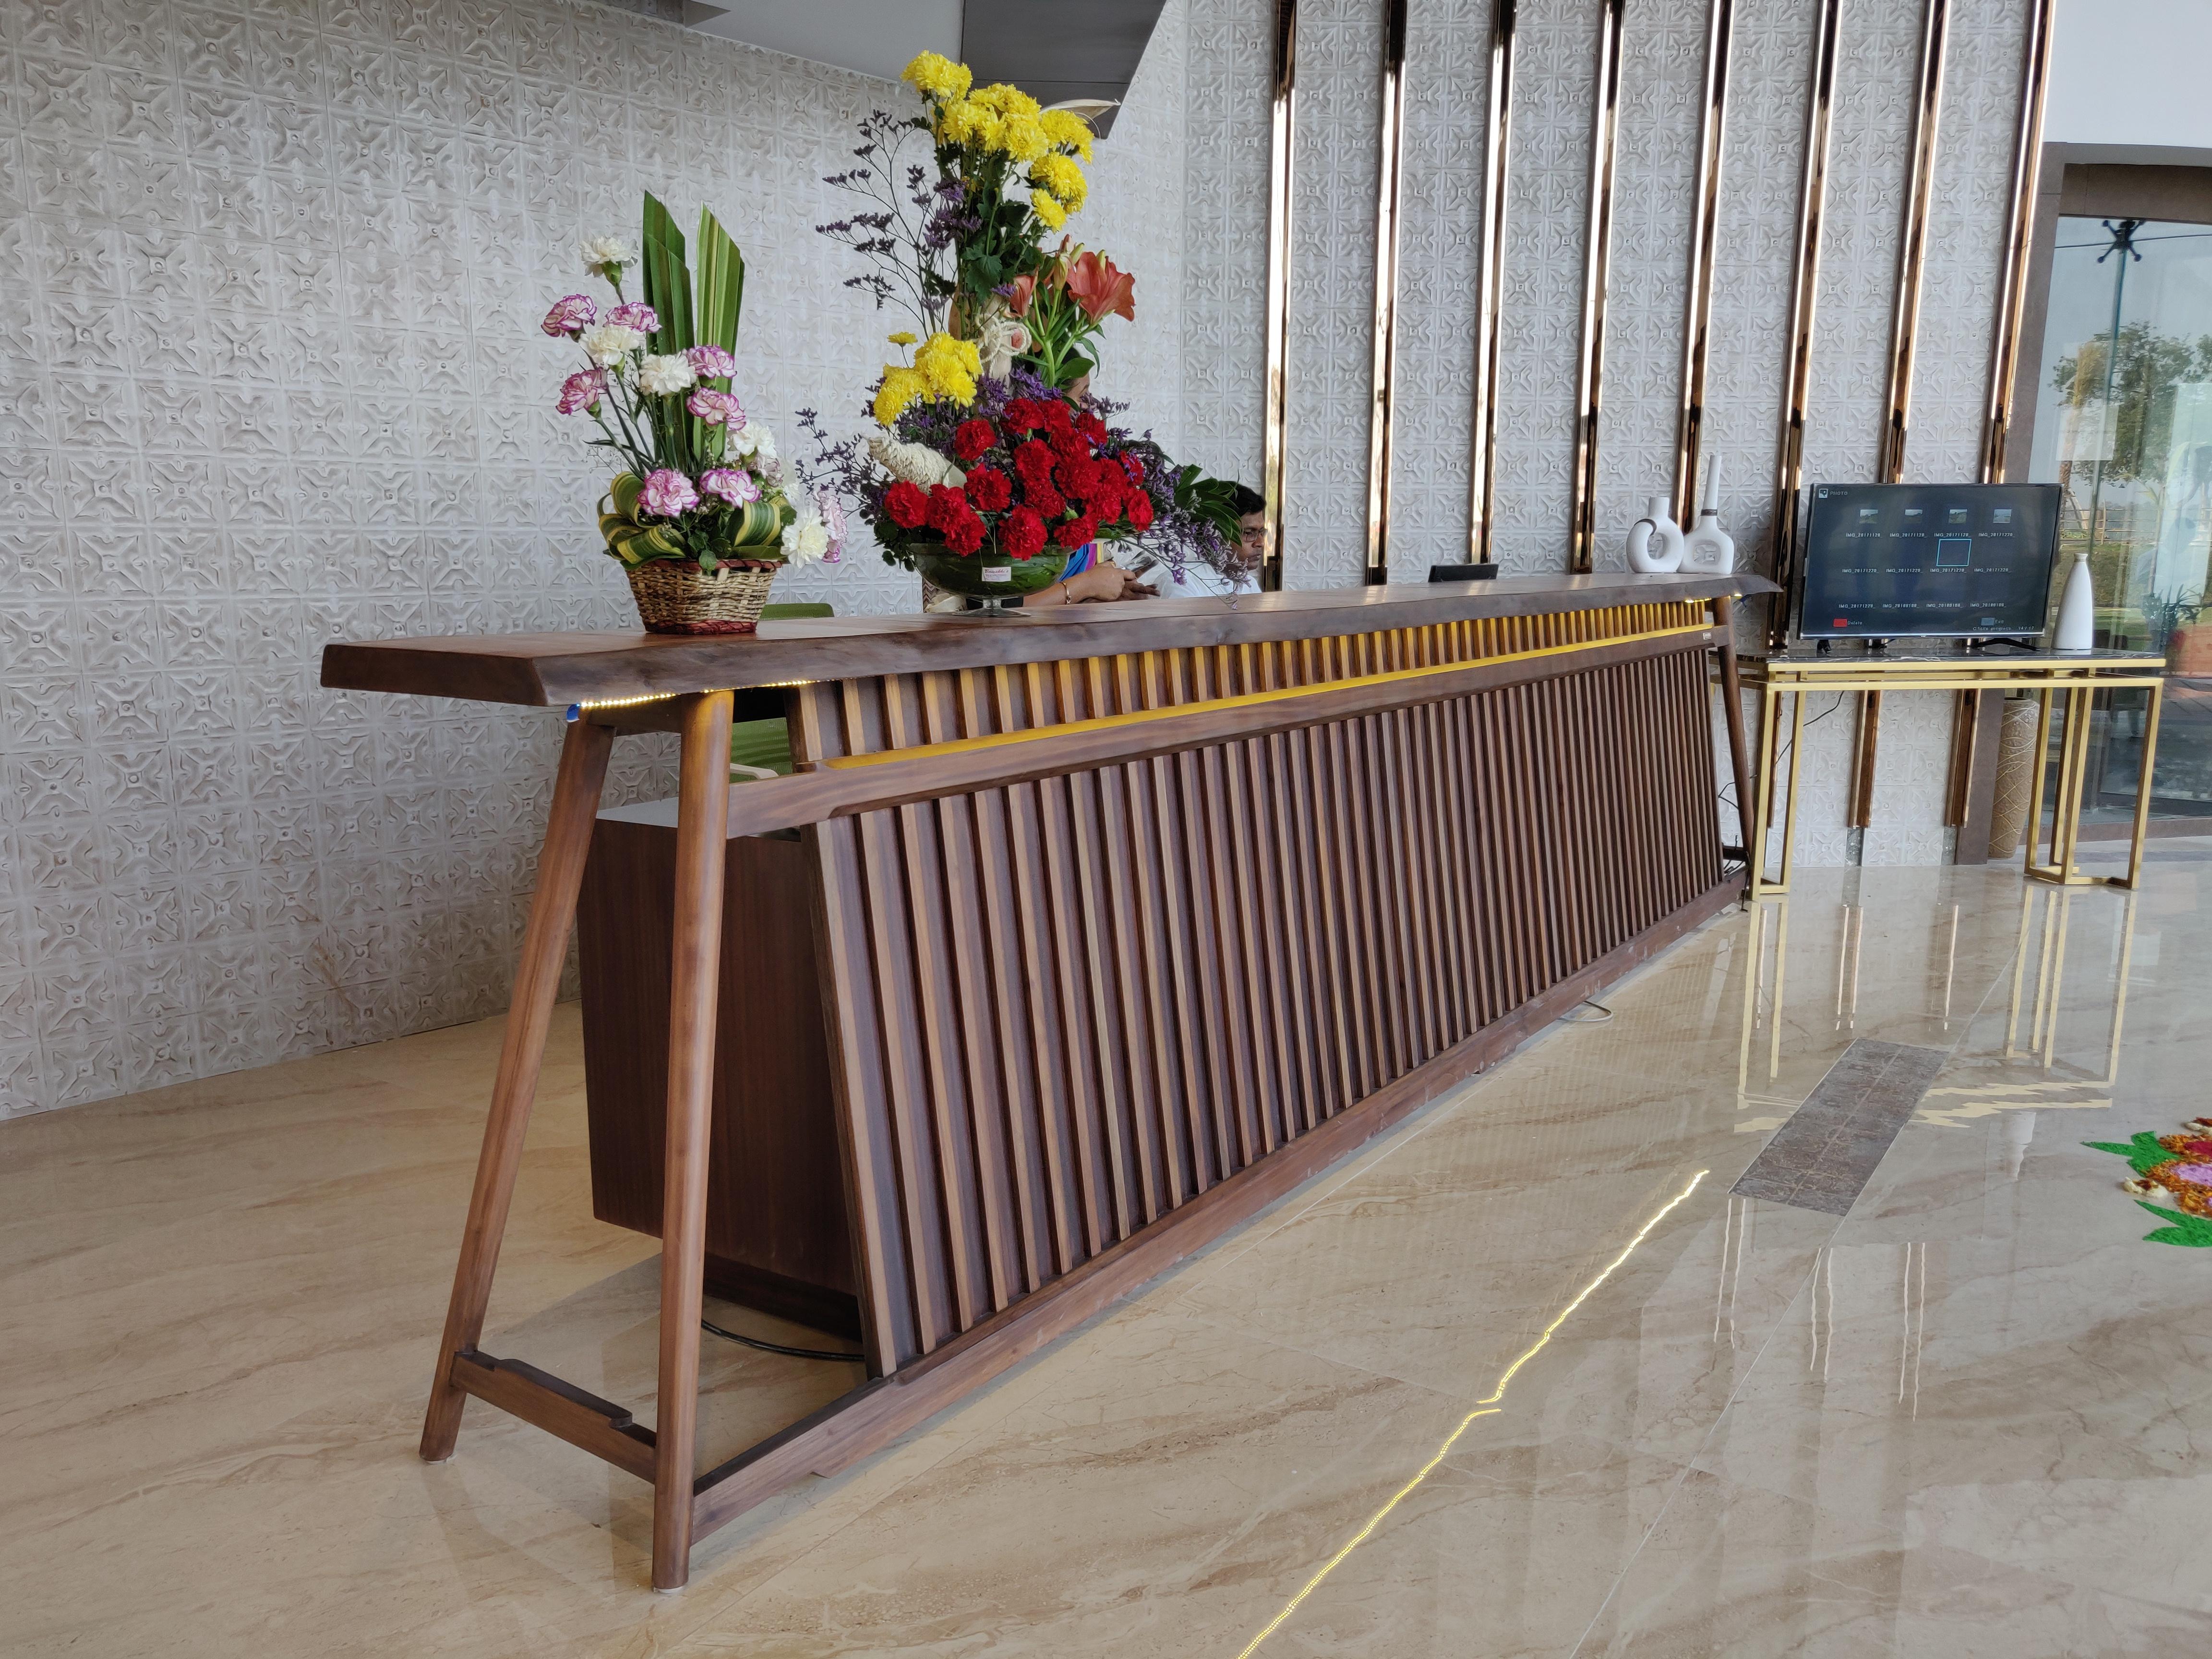 HOTEL SONAR BANGLA, TAKI. 2018